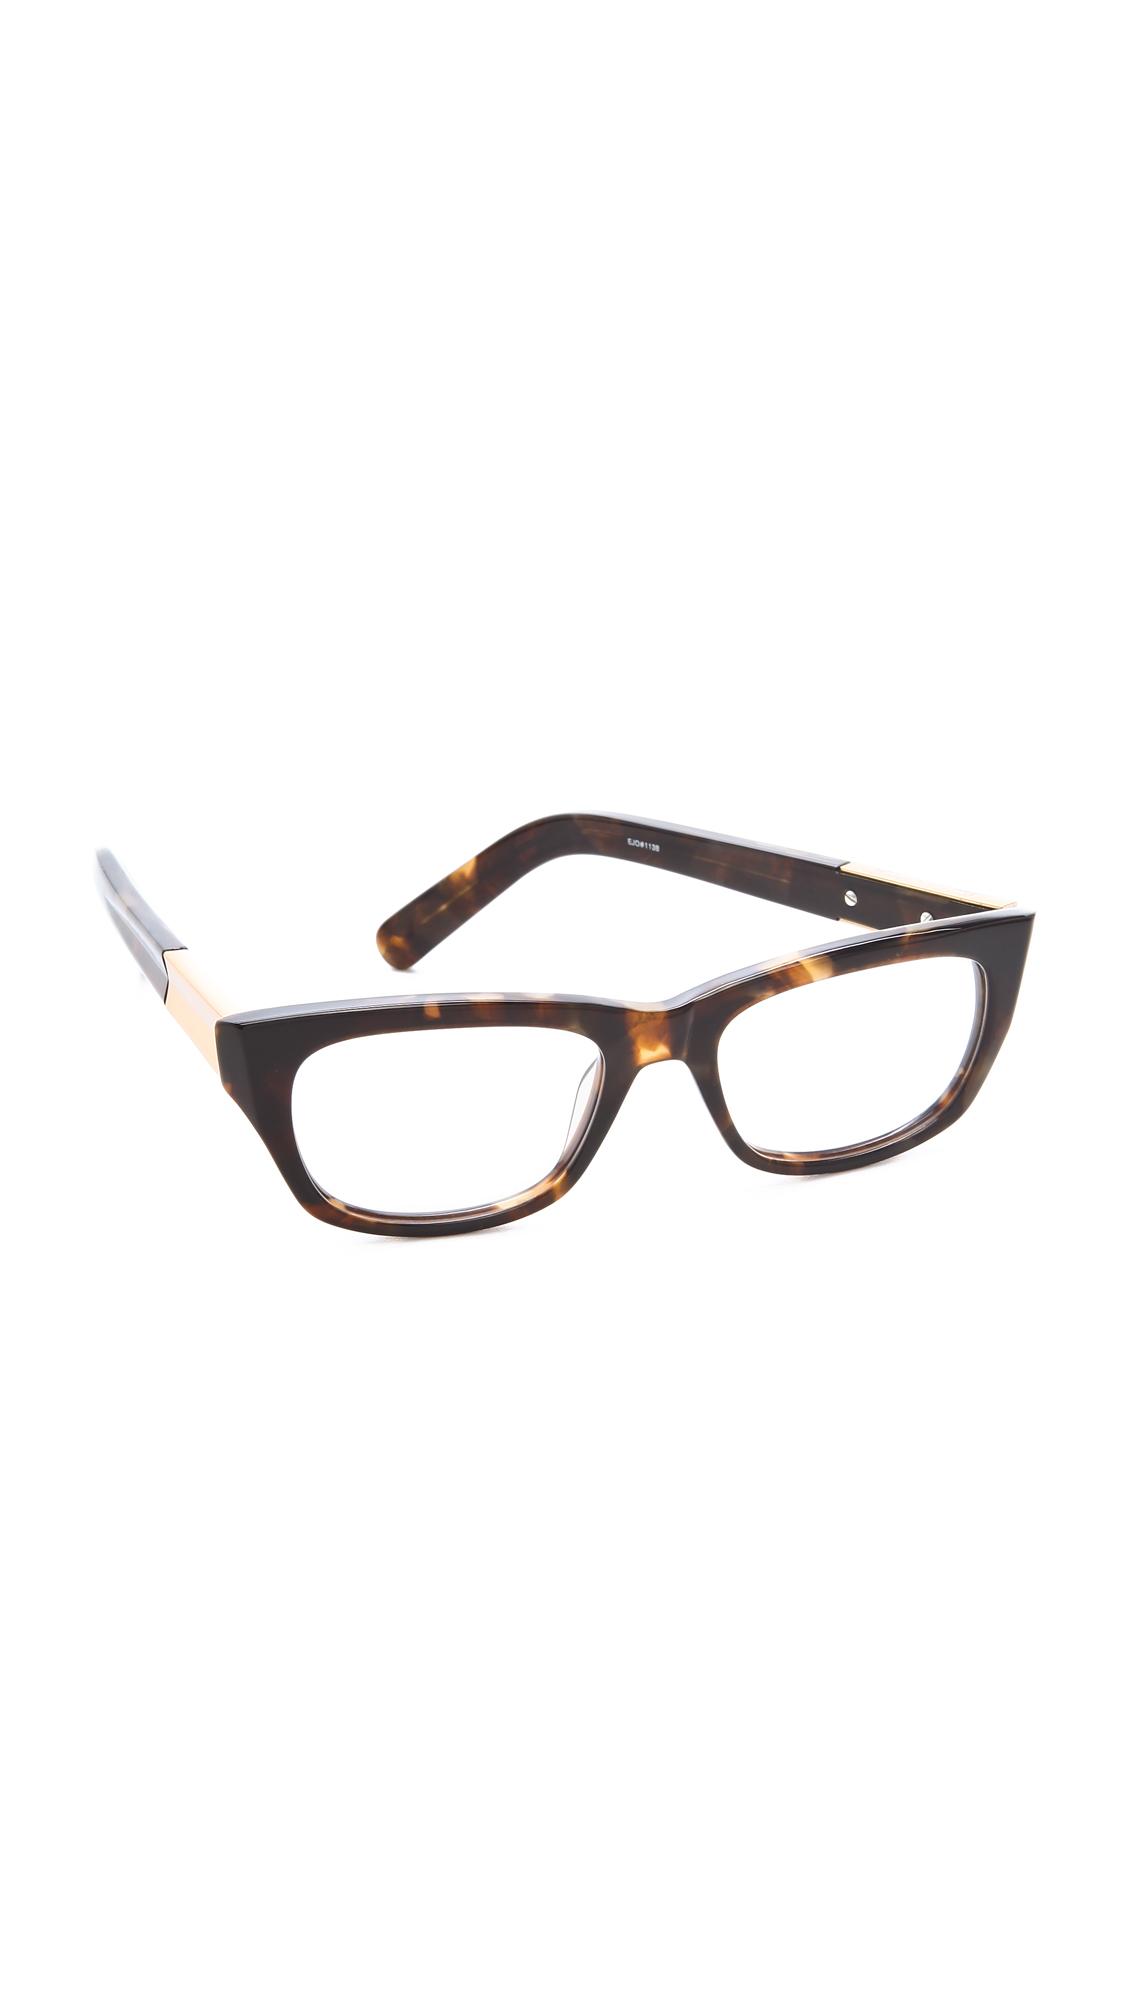 popular glasses styles ujnb  popular glasses styles